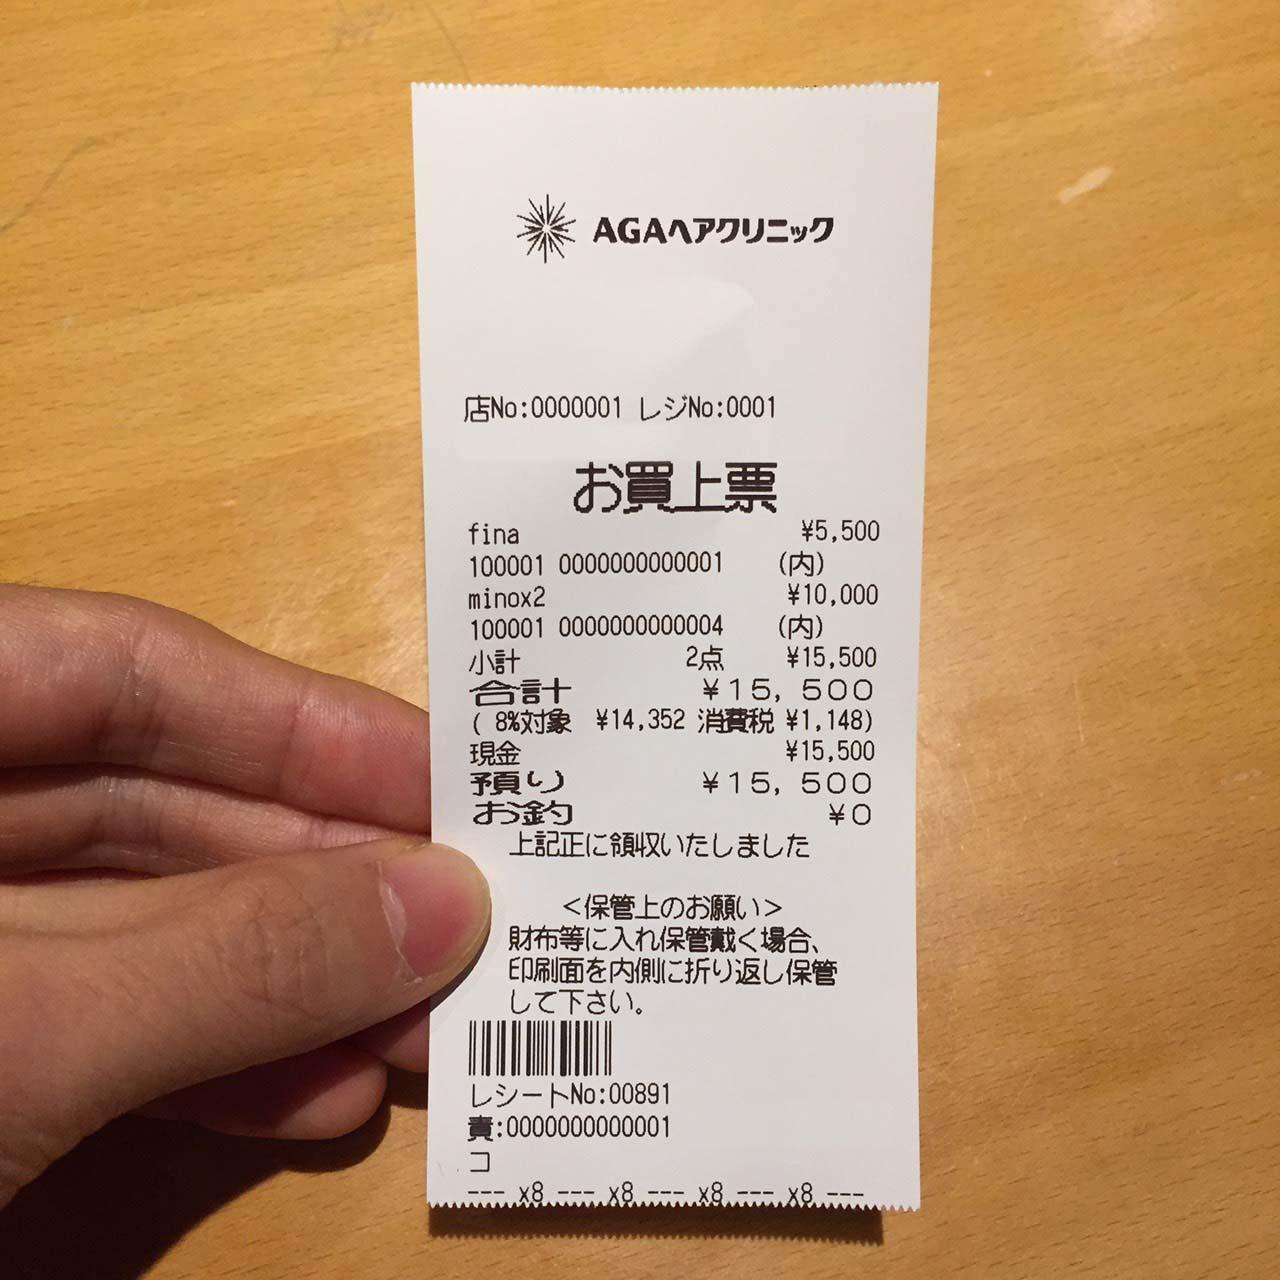 治療費(料金価格)15,500円コース